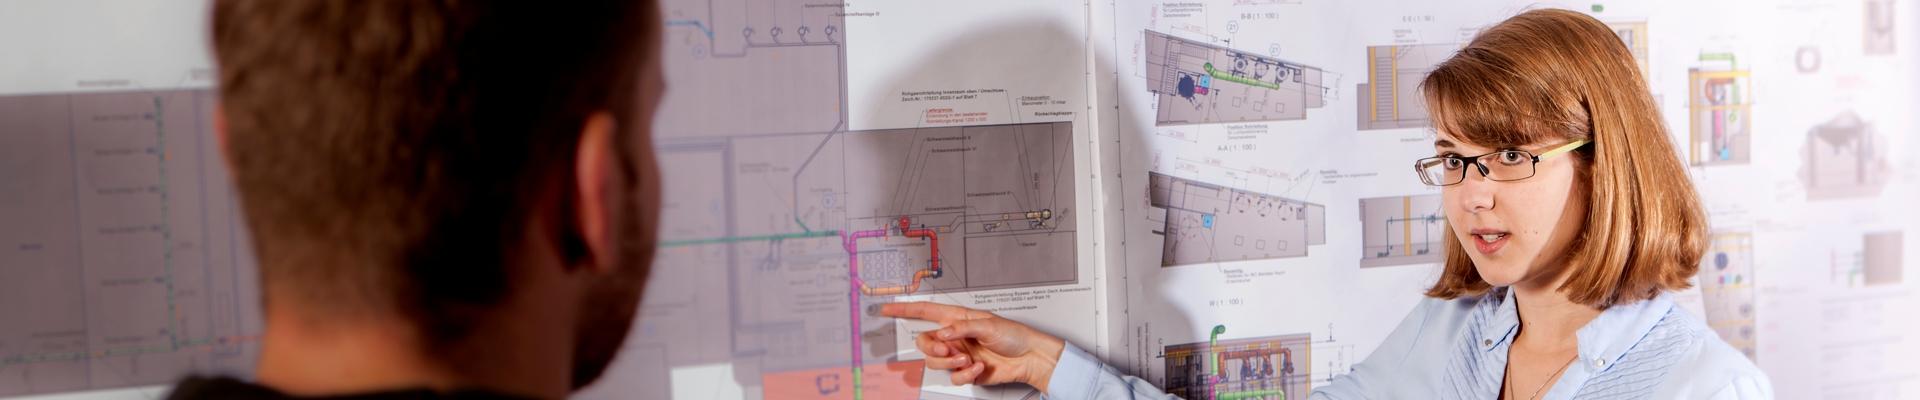 Mitarbeiterin technische Poduktdesignerin bei KMA Umwelttechnik